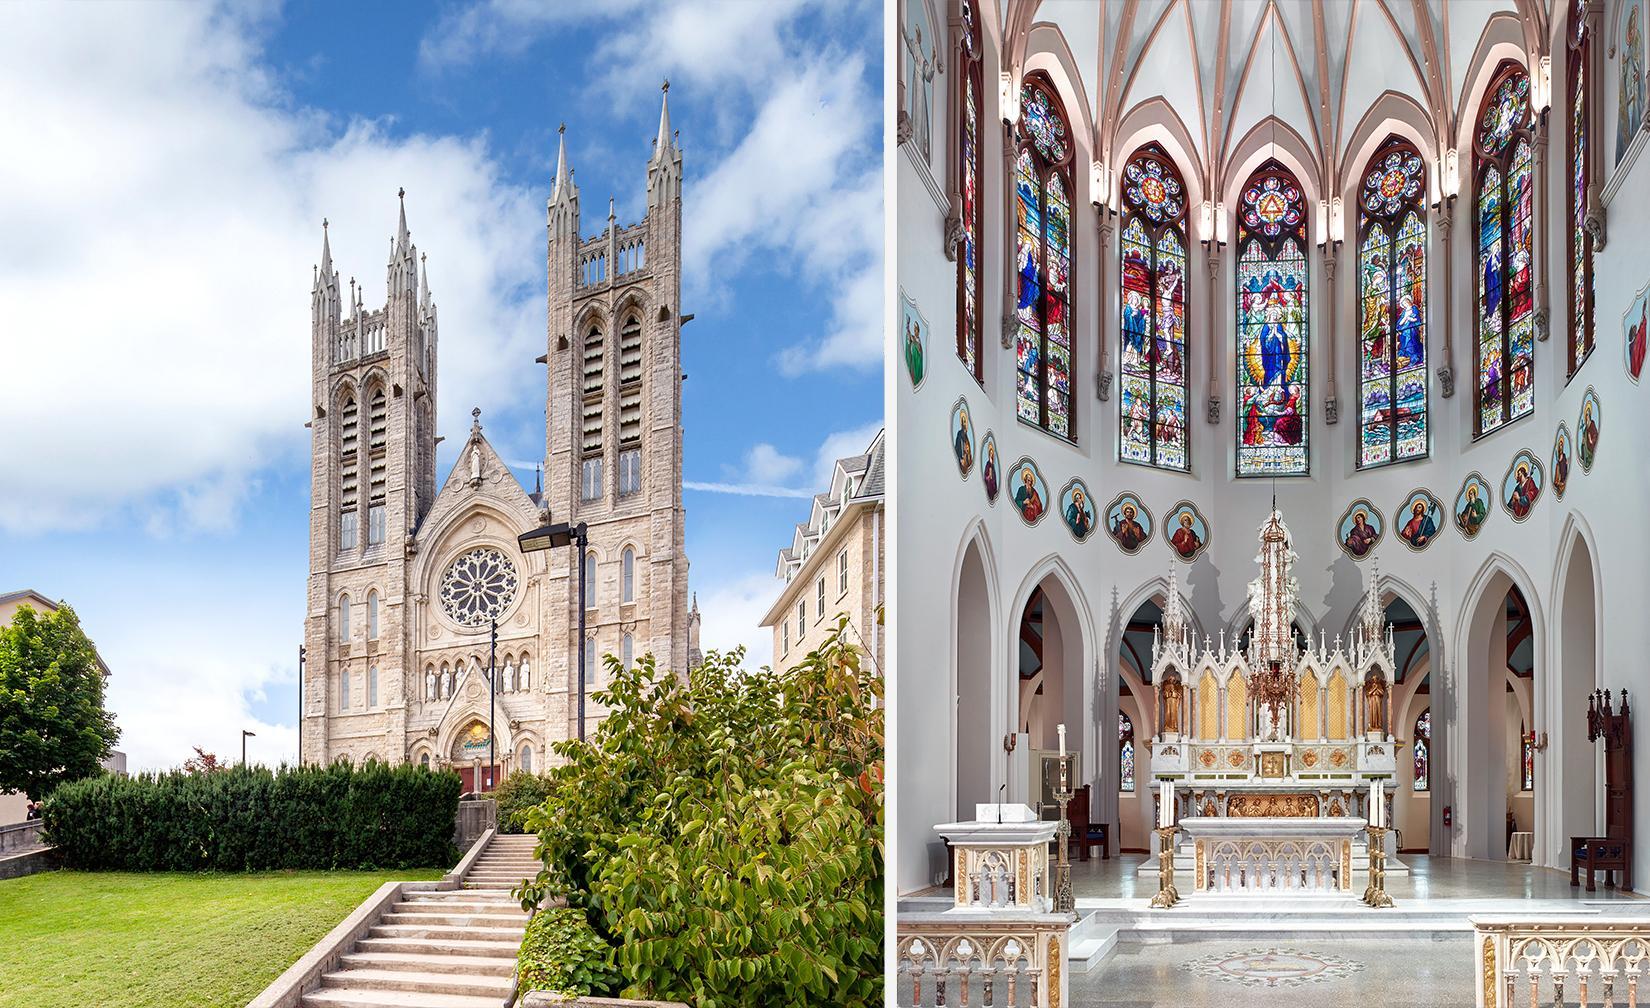 Guelph basilica